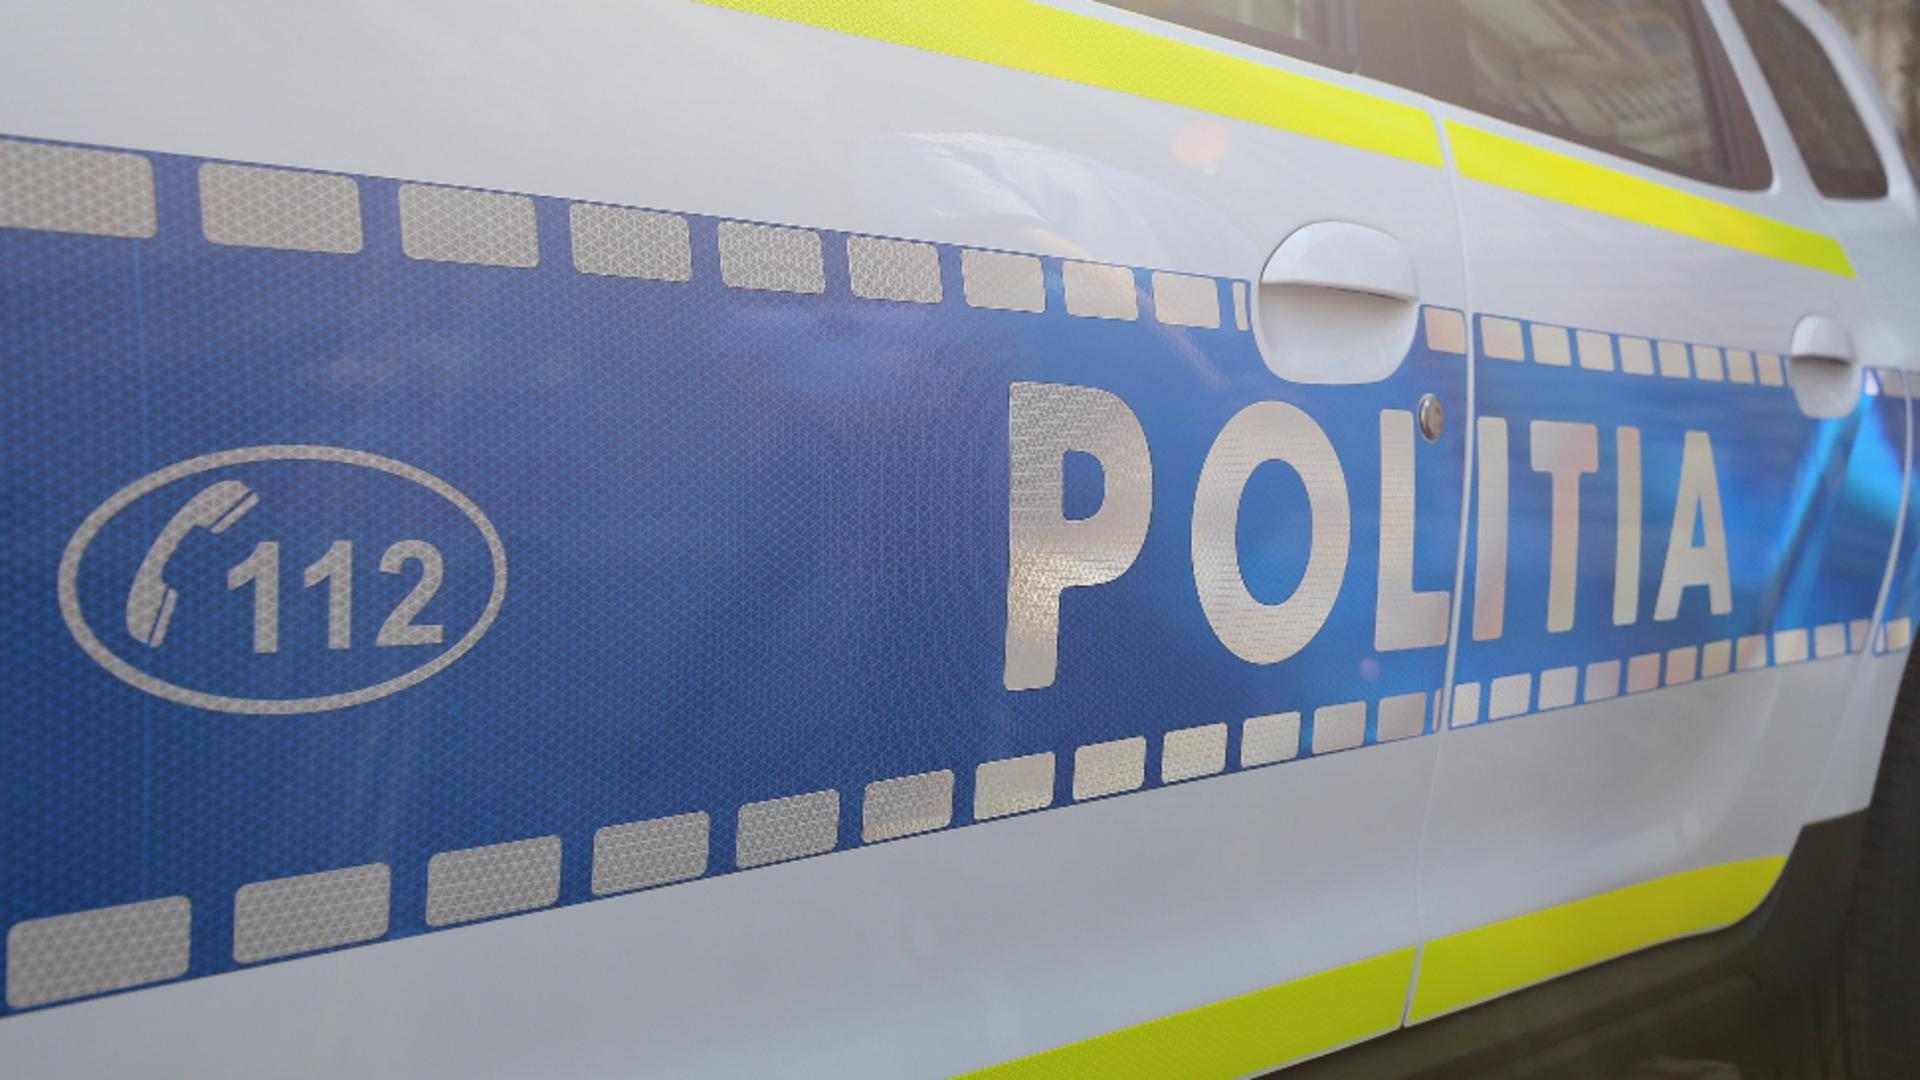 Polițist anchetat după ce a snopit în bătaie un tânăr / Foto: Inquam Photos